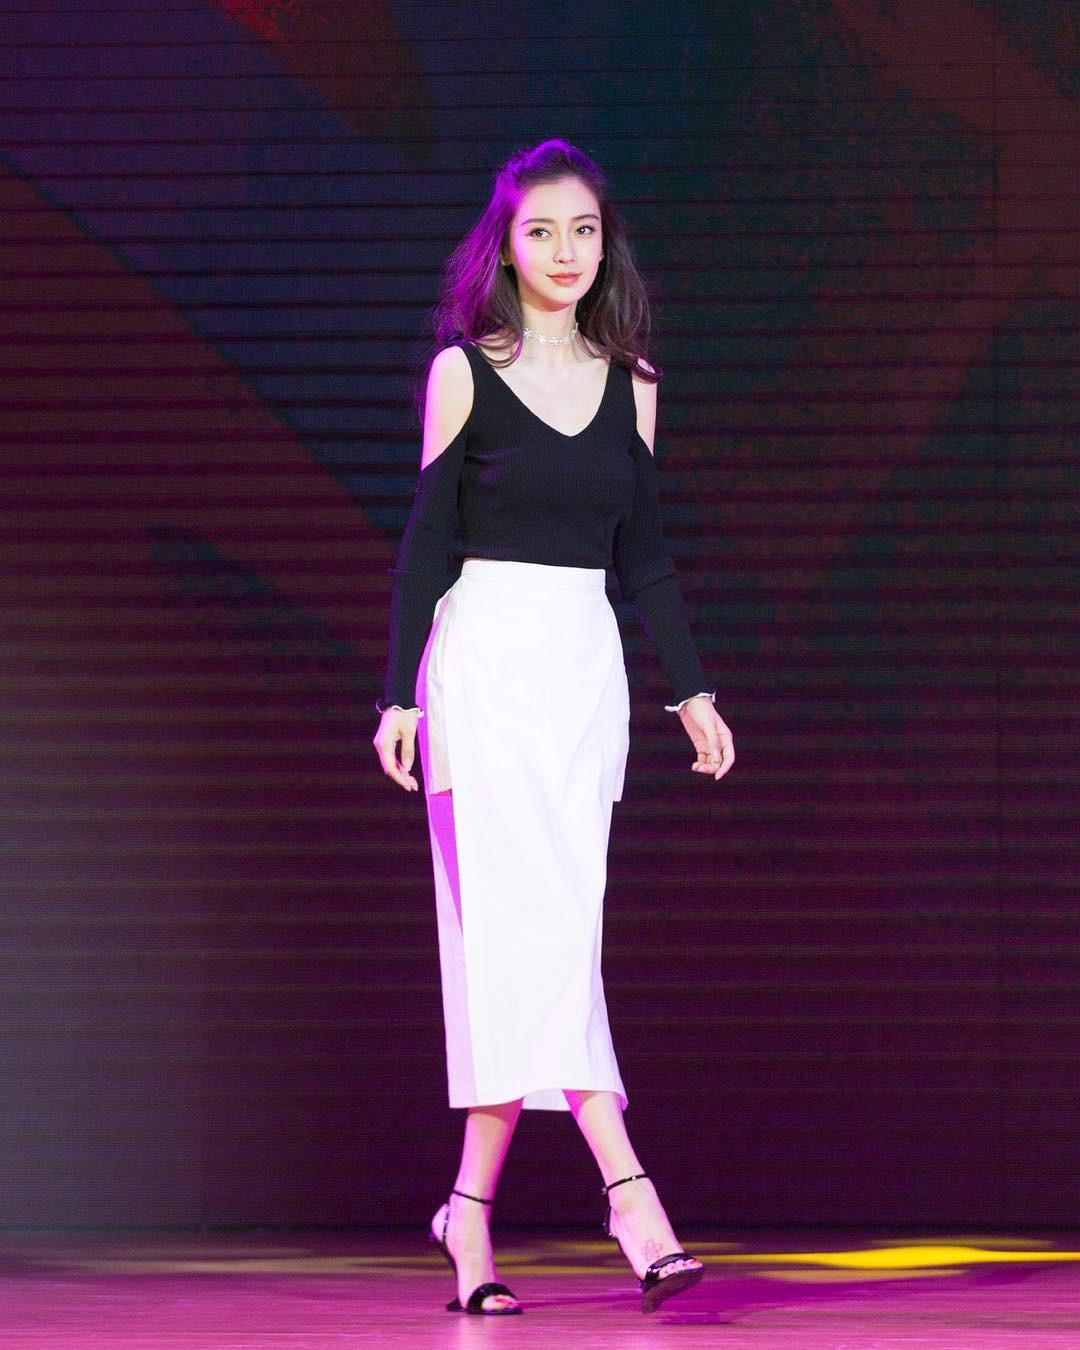 BST giày cao gót bá đạo của Phạm Băng Băng, Angela Baby: lênh khênh như cà kheo, thậm chí không có gót nhìn đã muốn trẹo chân - Ảnh 8.